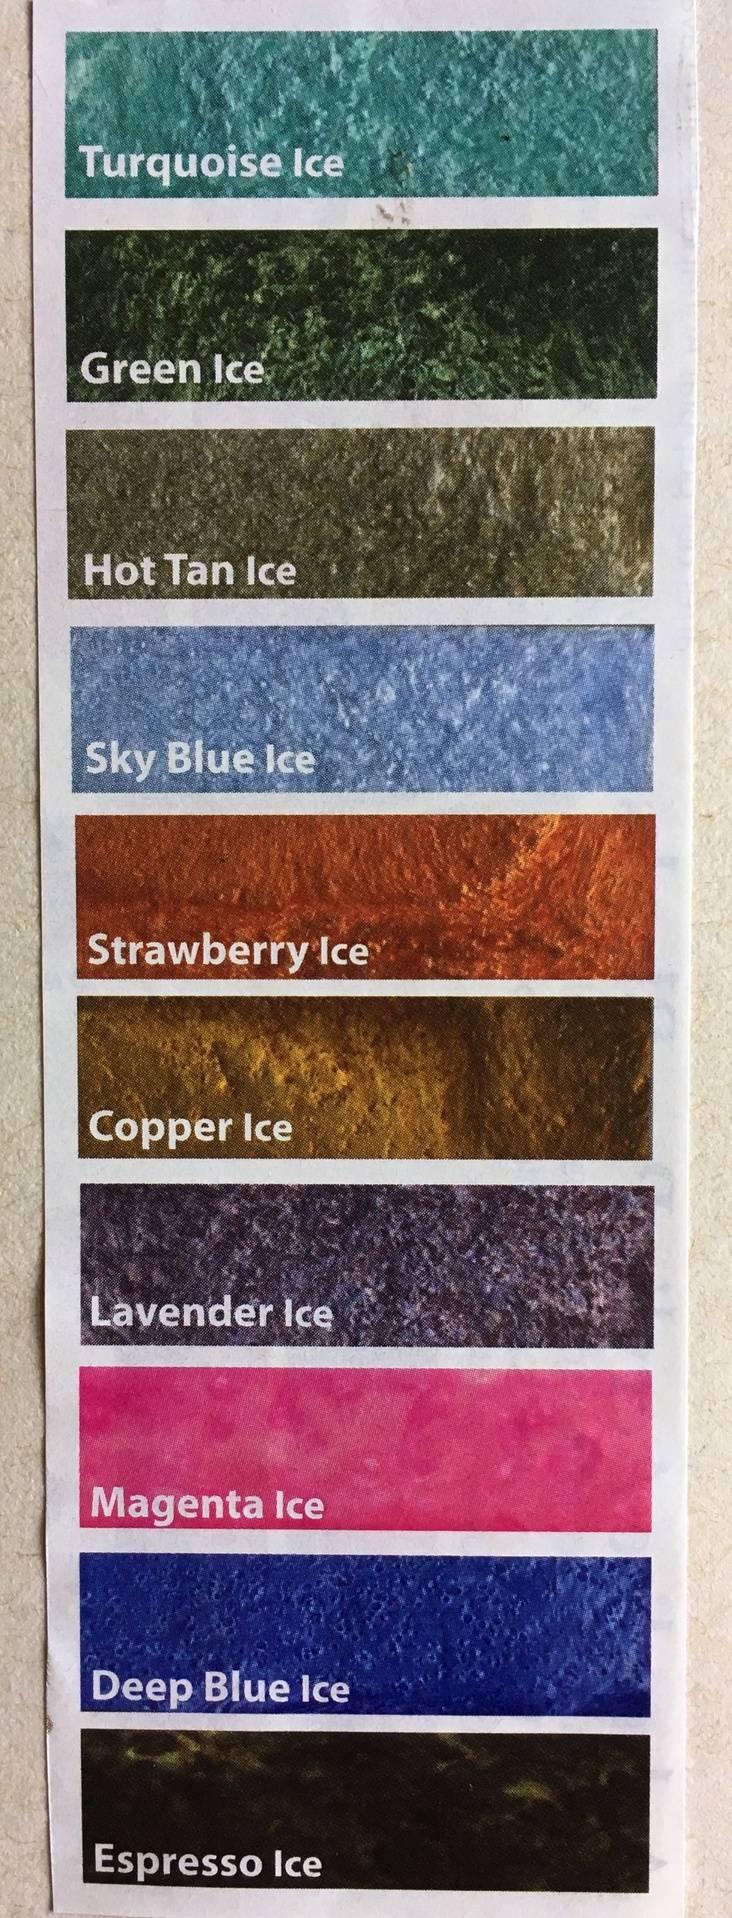 Kirinite Ice